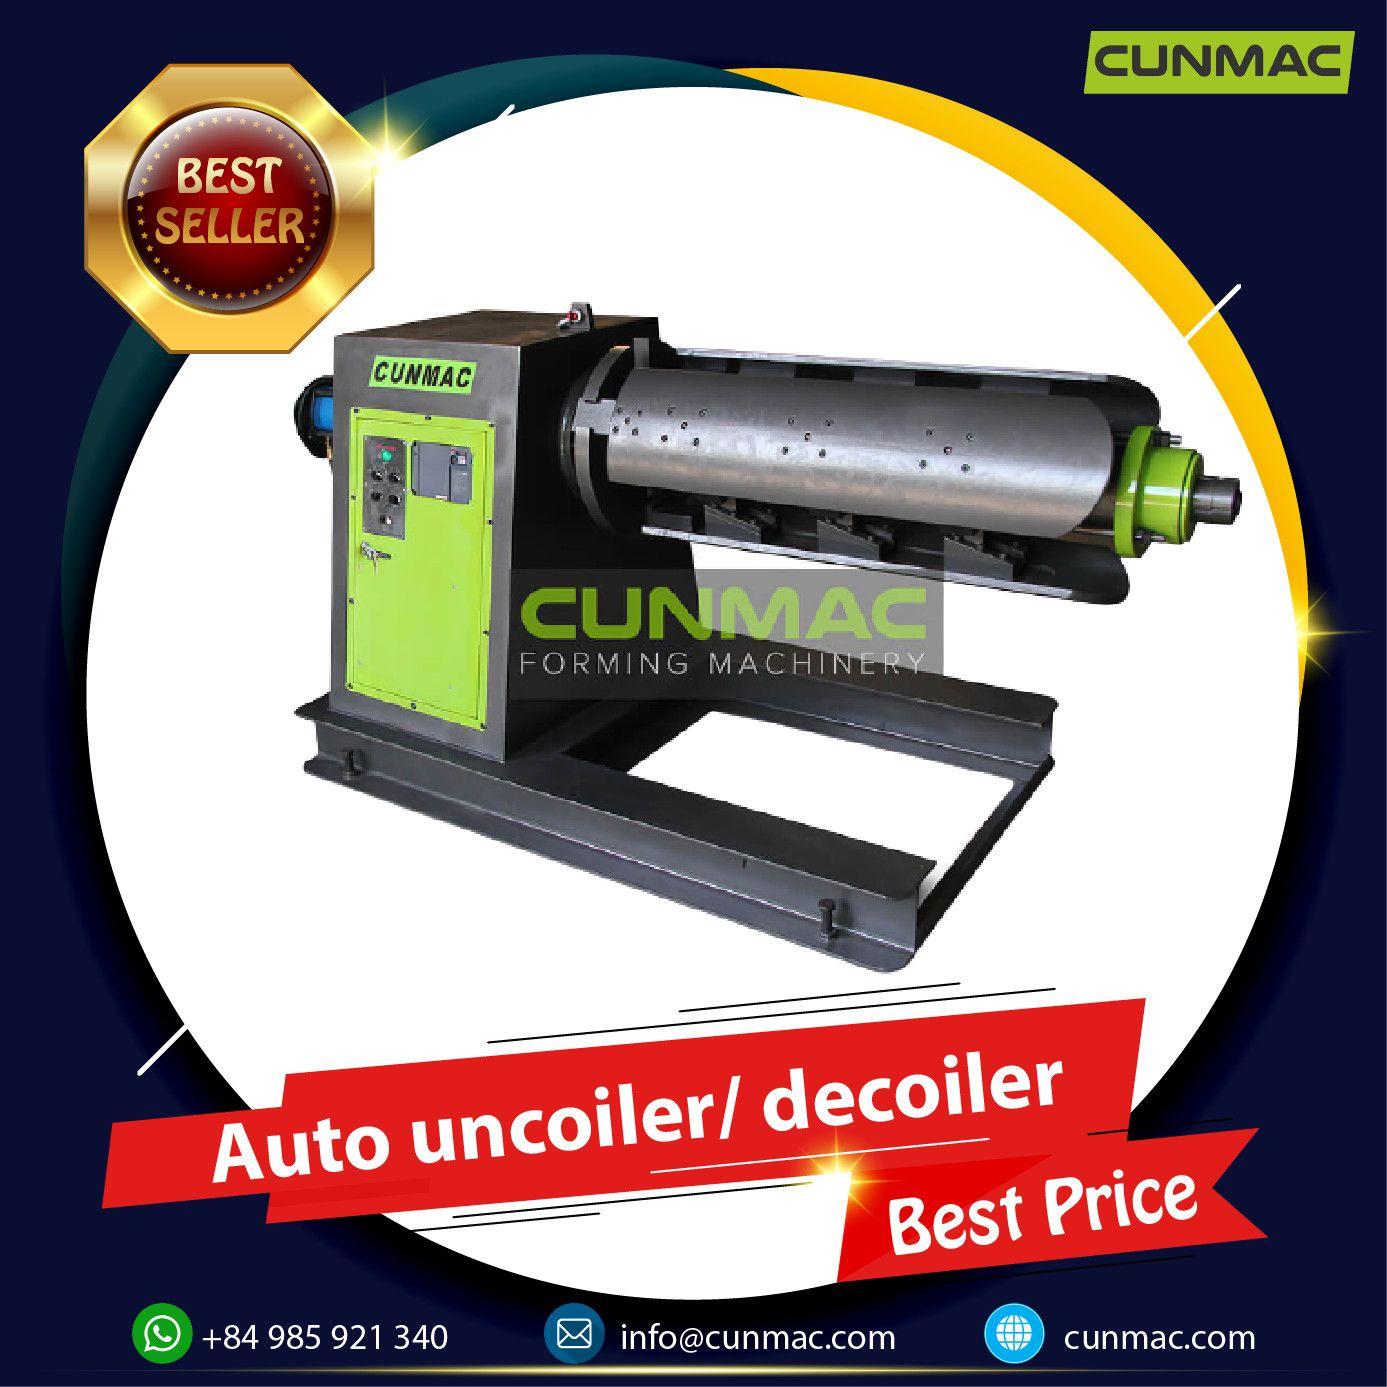 Auto uncoiler/ decoiler